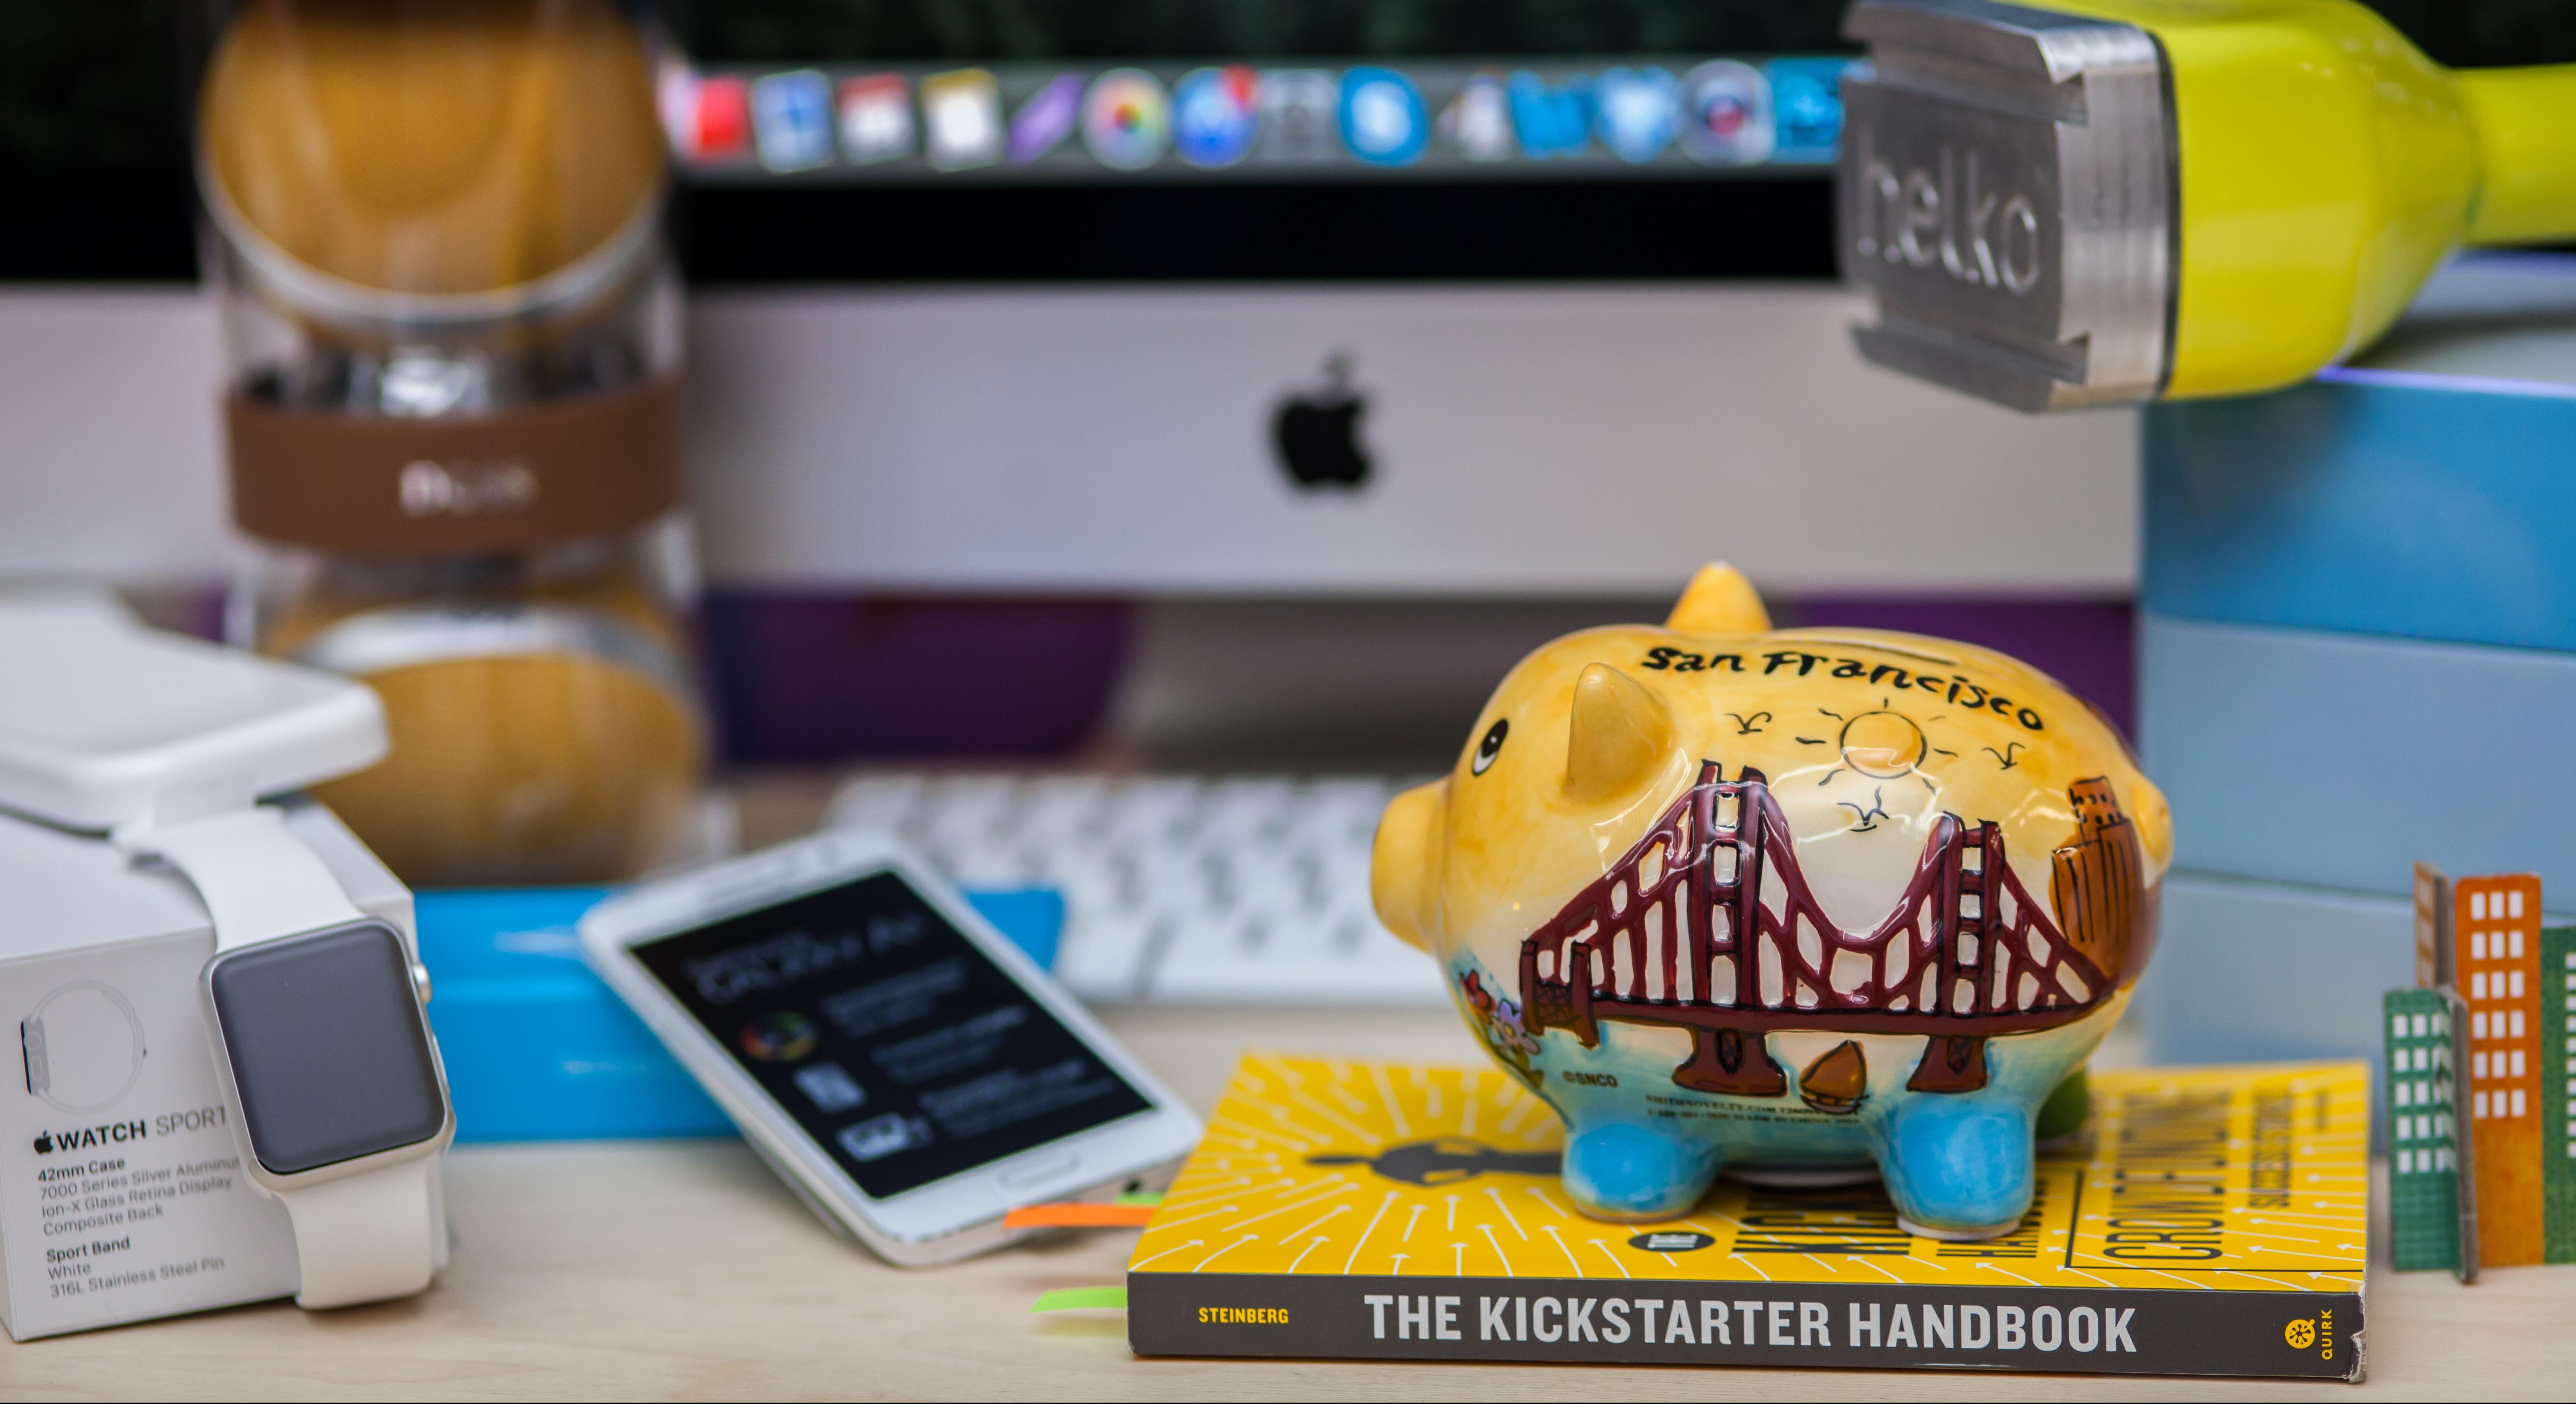 IoT Hub приглашает мечтателей и изобретателей на IoT Demo Day